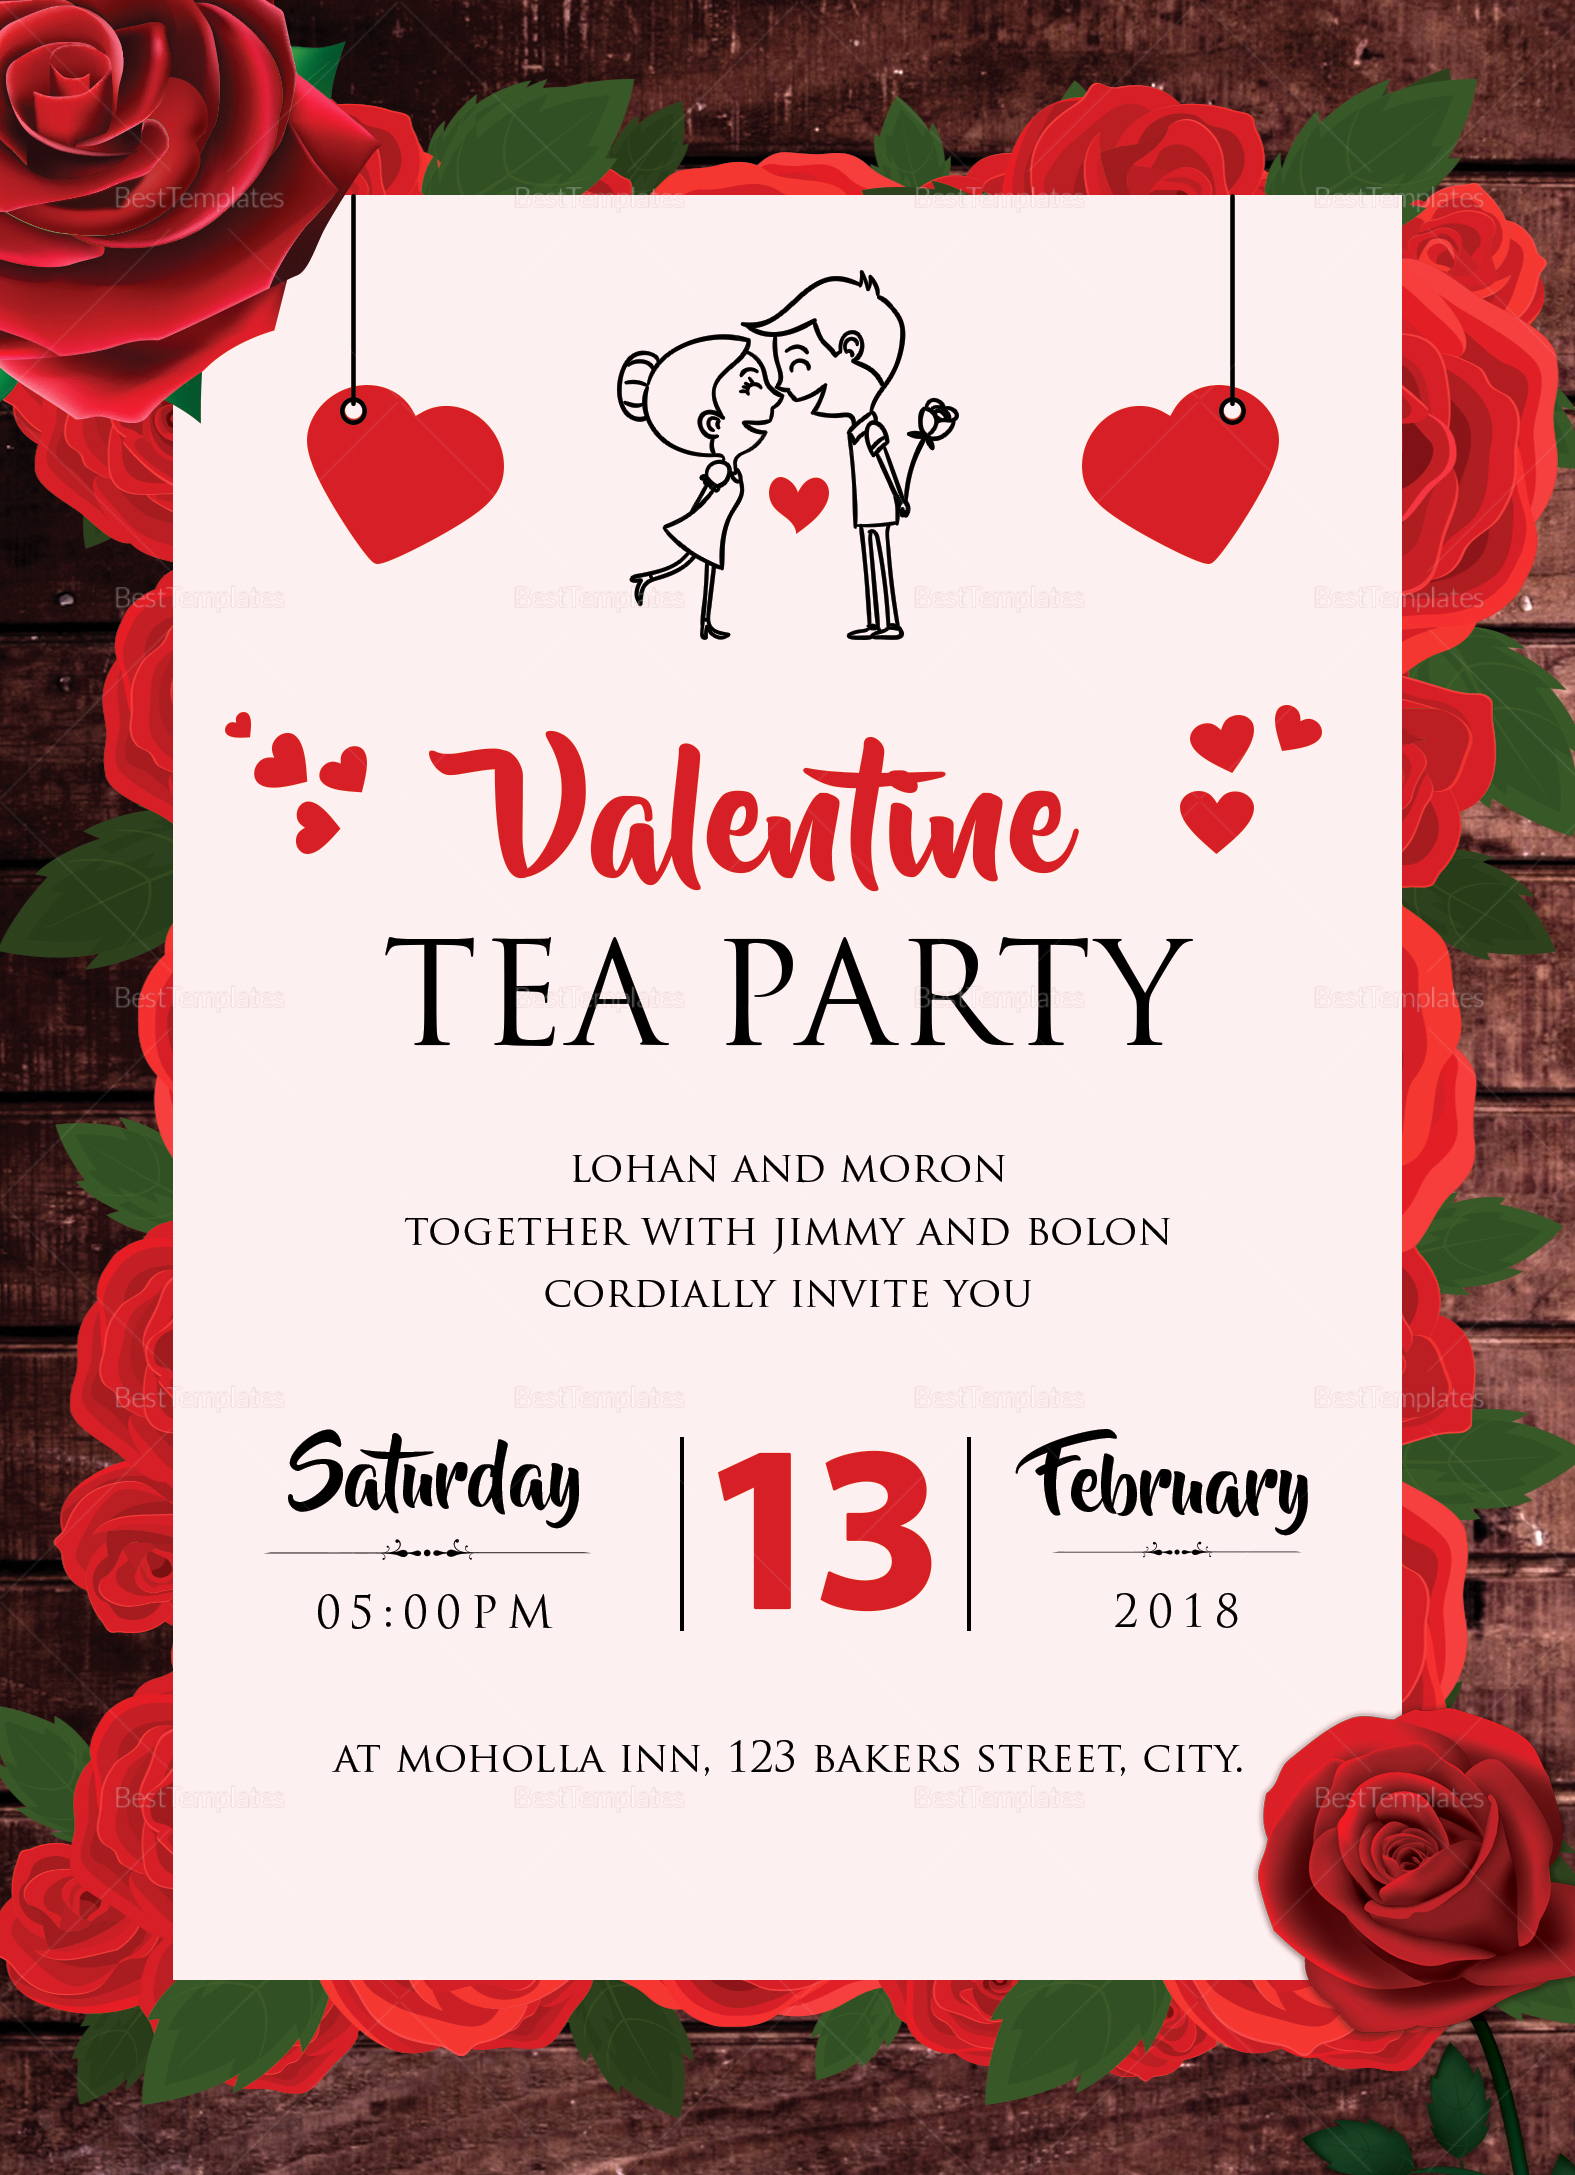 Tea Party Invitation Template Word Unique Valentine Tea Party Invitation Design Template In Word